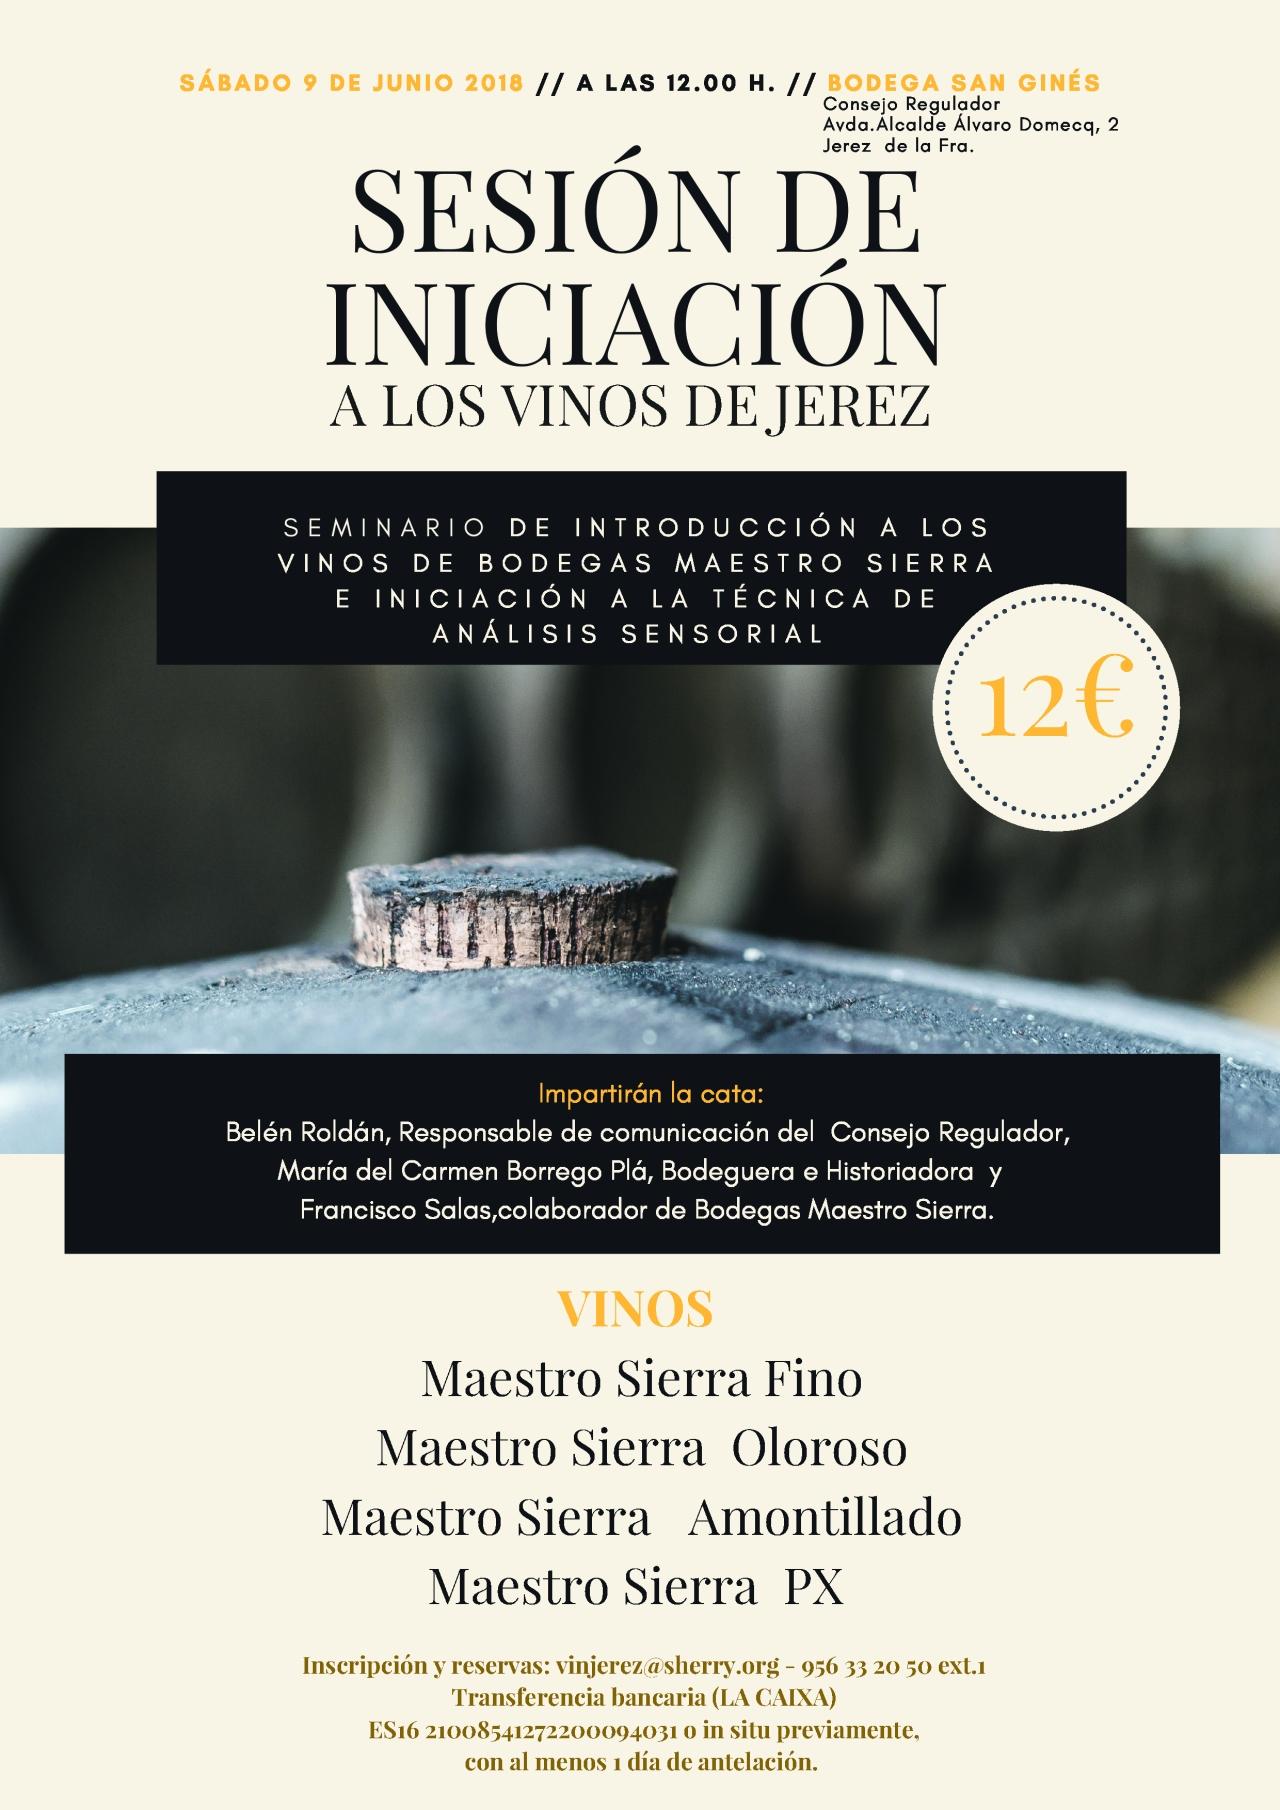 Vinos de Maestro Sierra para la Sesión de Iniciación este sábado en el Consejo Regulador(Spanish)